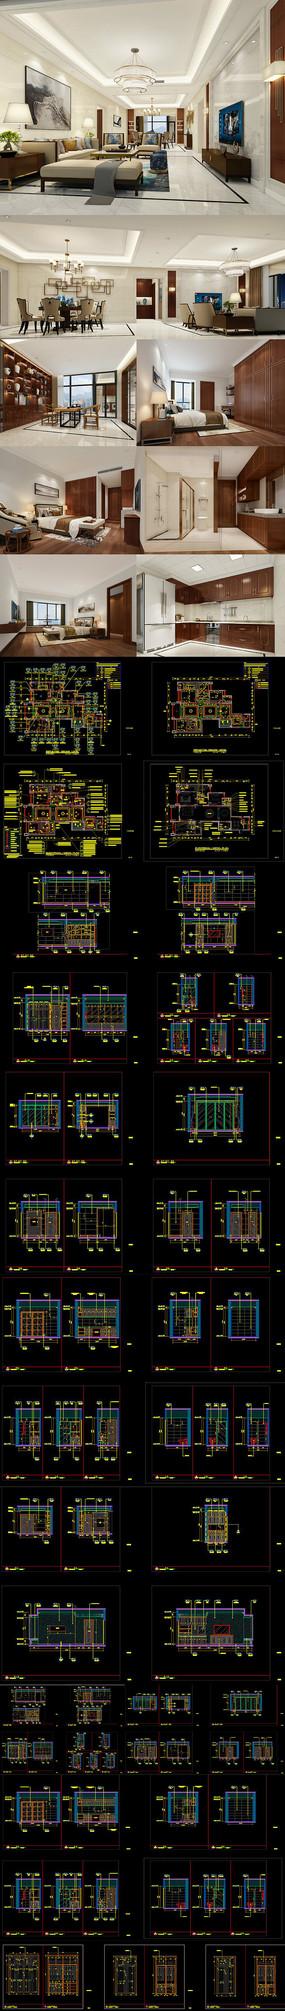 全套新新中式家装CAD施工图 效果图